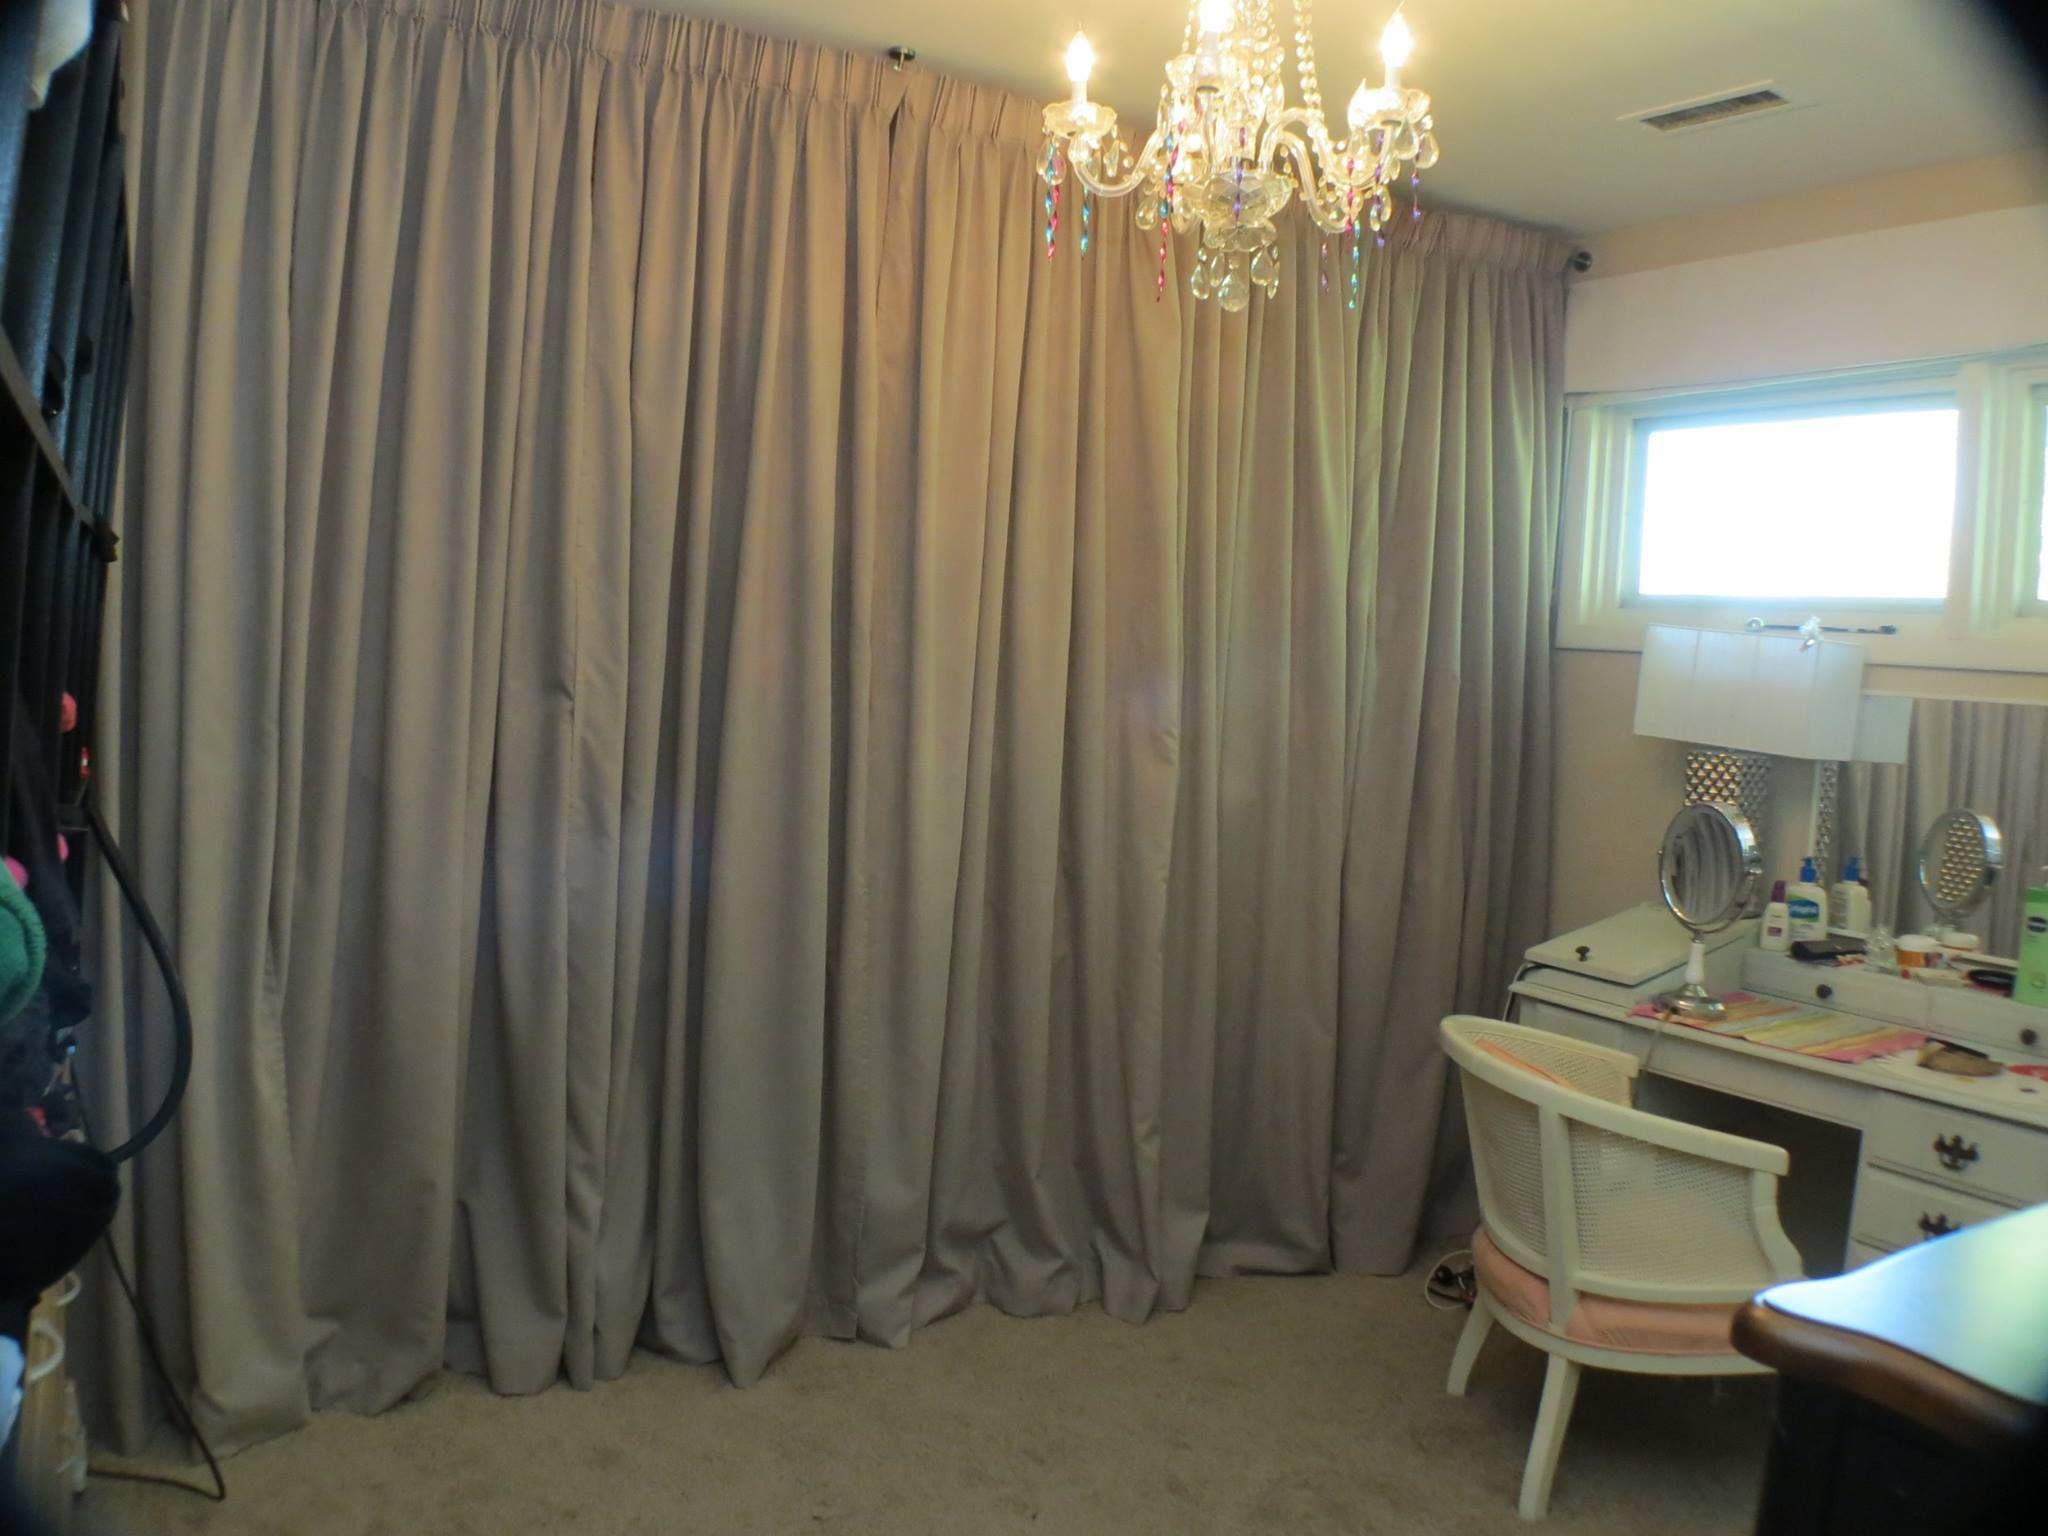 إغواء رسمية الهواء ikea wall curtains